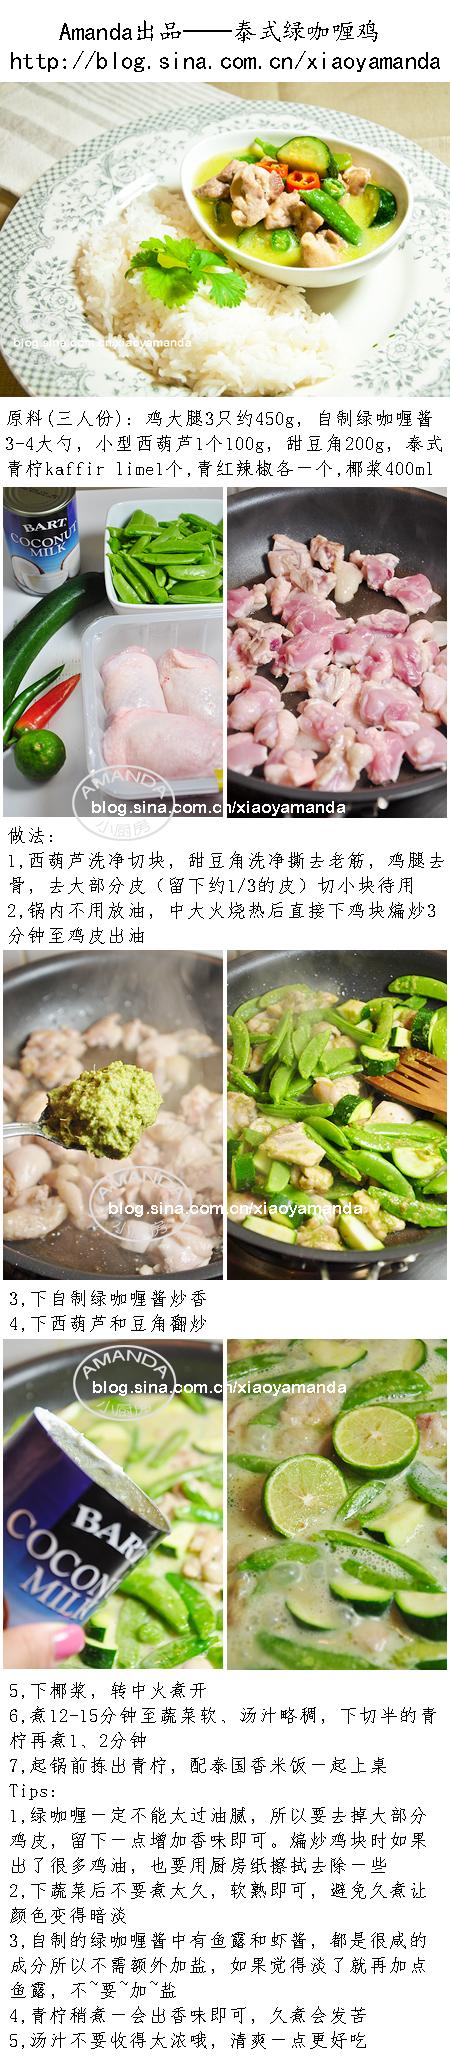 咖喱中的小清新——泰式绿咖喱鸡(用自制咖喱酱)